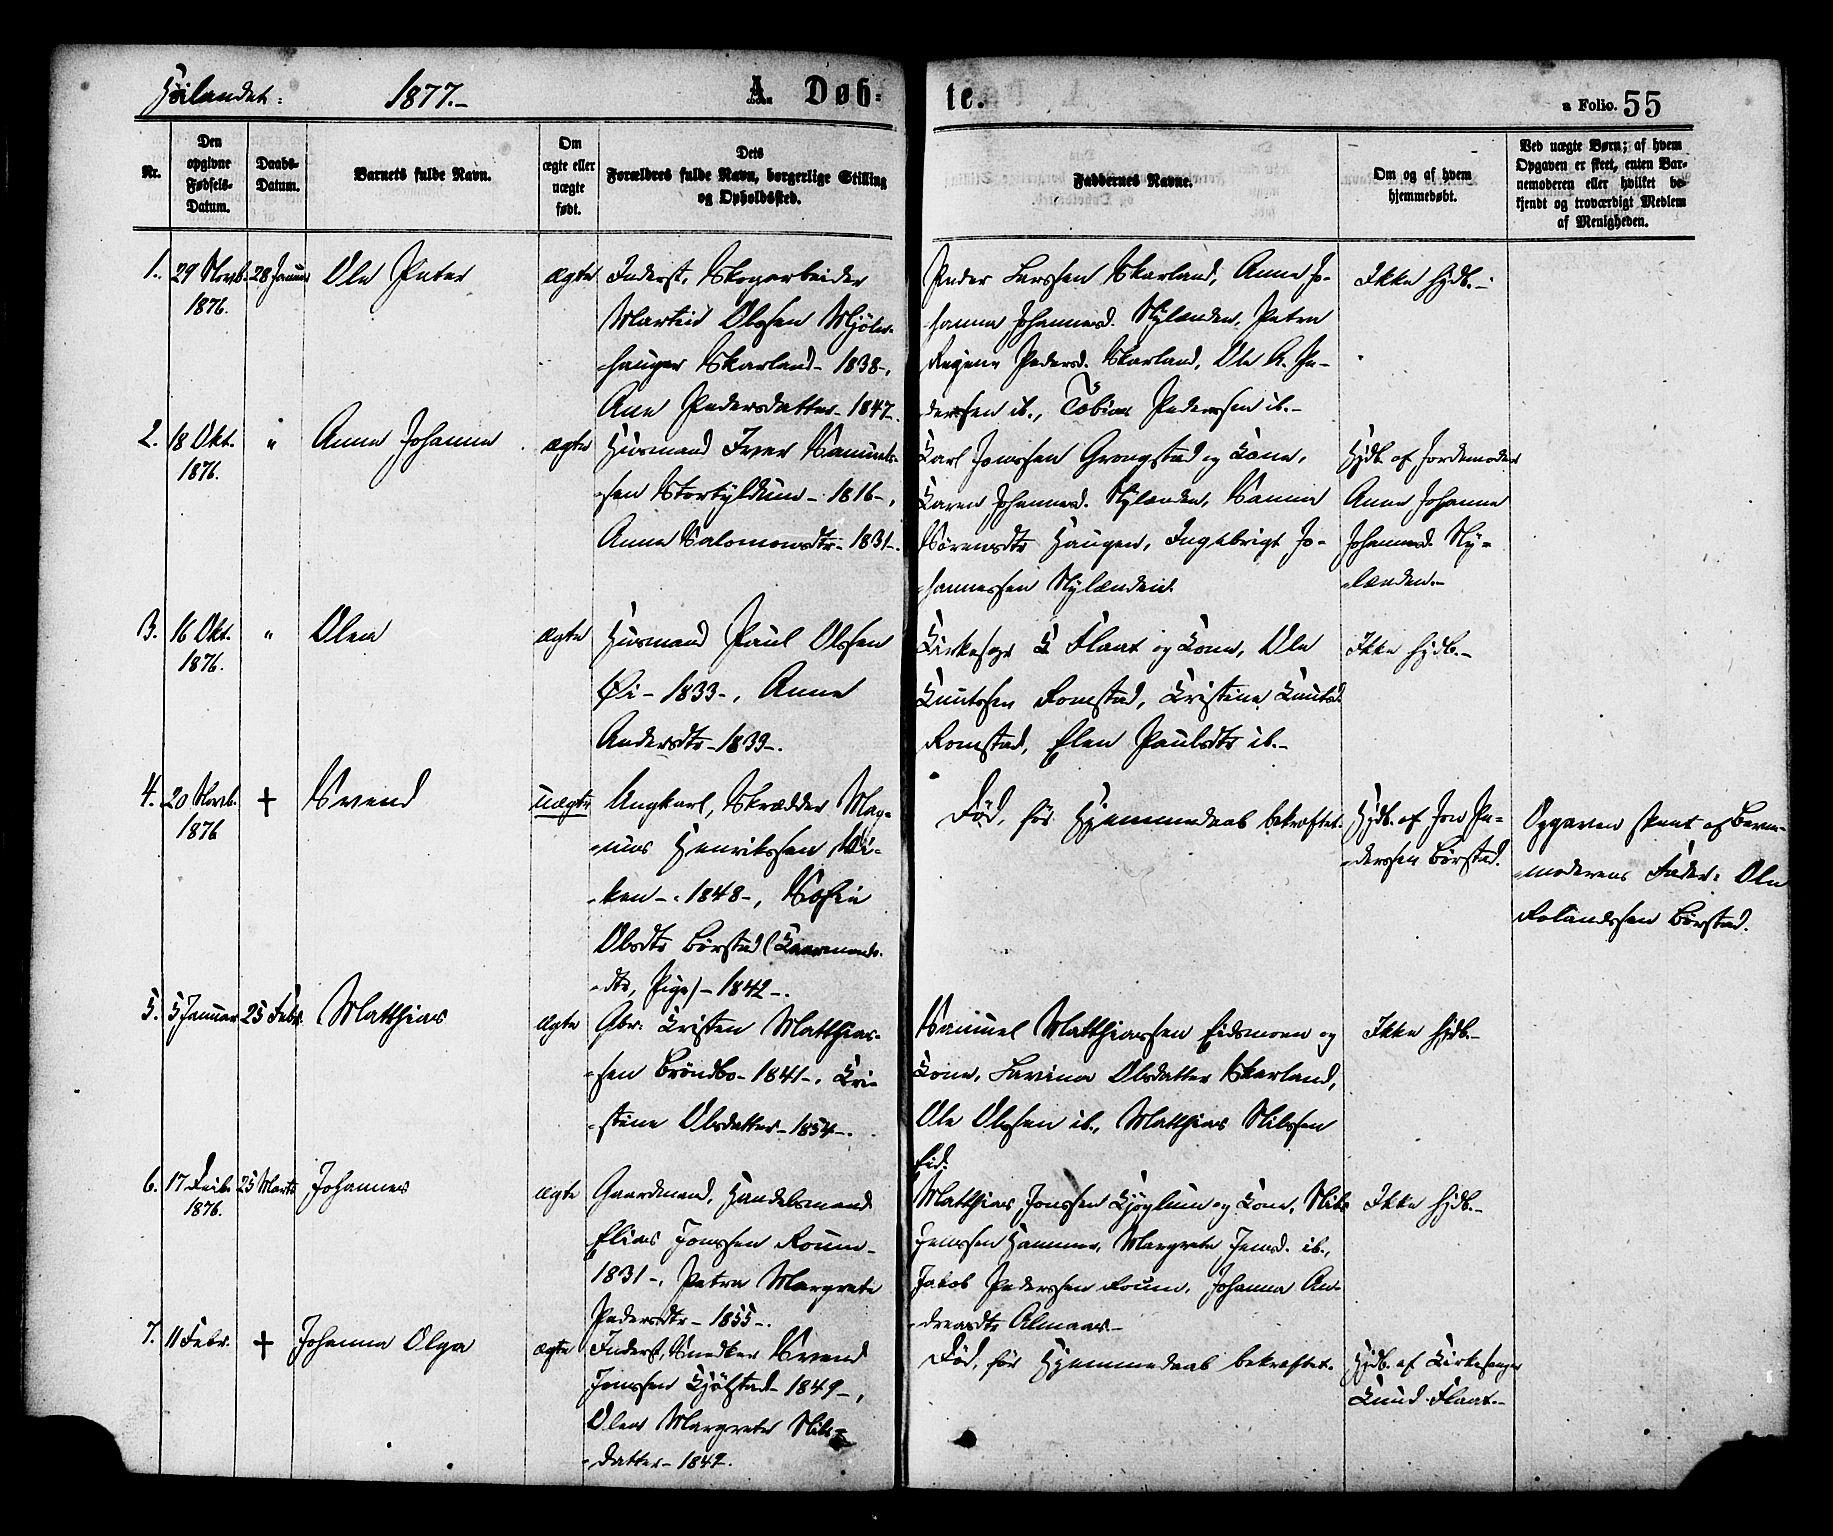 SAT, Ministerialprotokoller, klokkerbøker og fødselsregistre - Nord-Trøndelag, 758/L0516: Ministerialbok nr. 758A03 /2, 1869-1879, s. 55